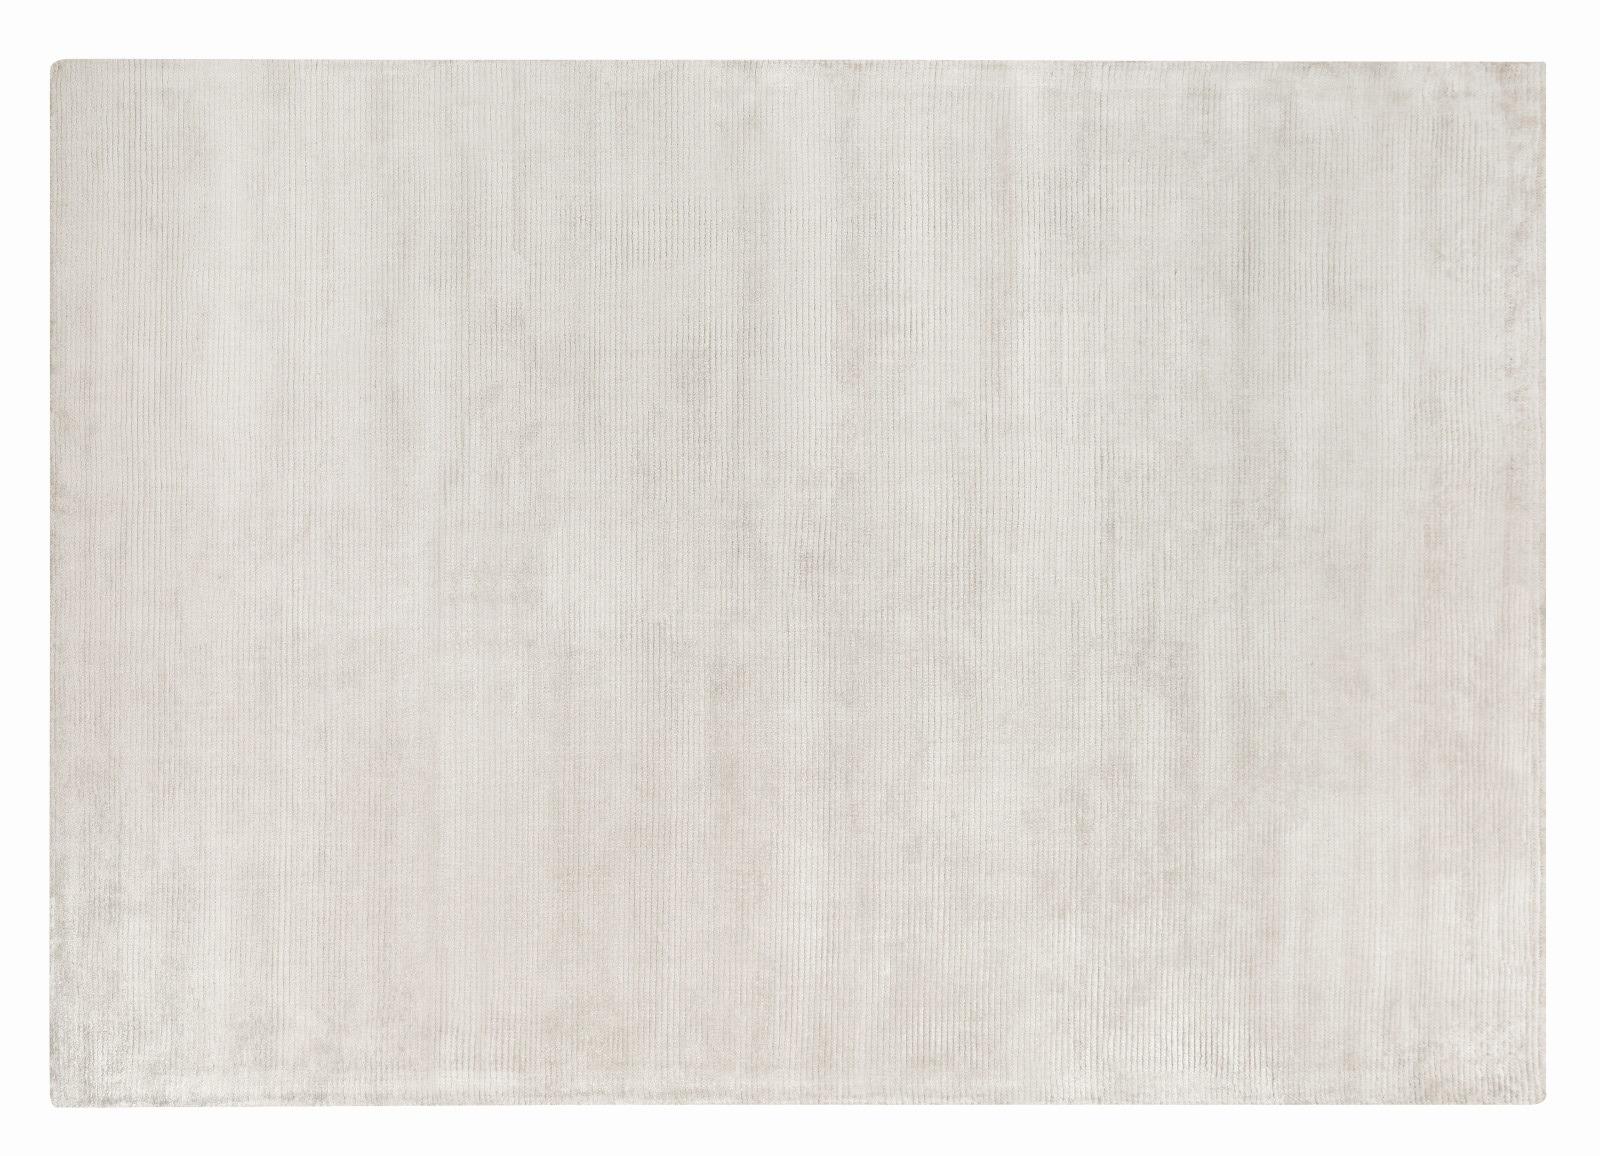 Fantastyczny Dywan ręcznie tkany Carpet Decor Lita White White - sklep MN72